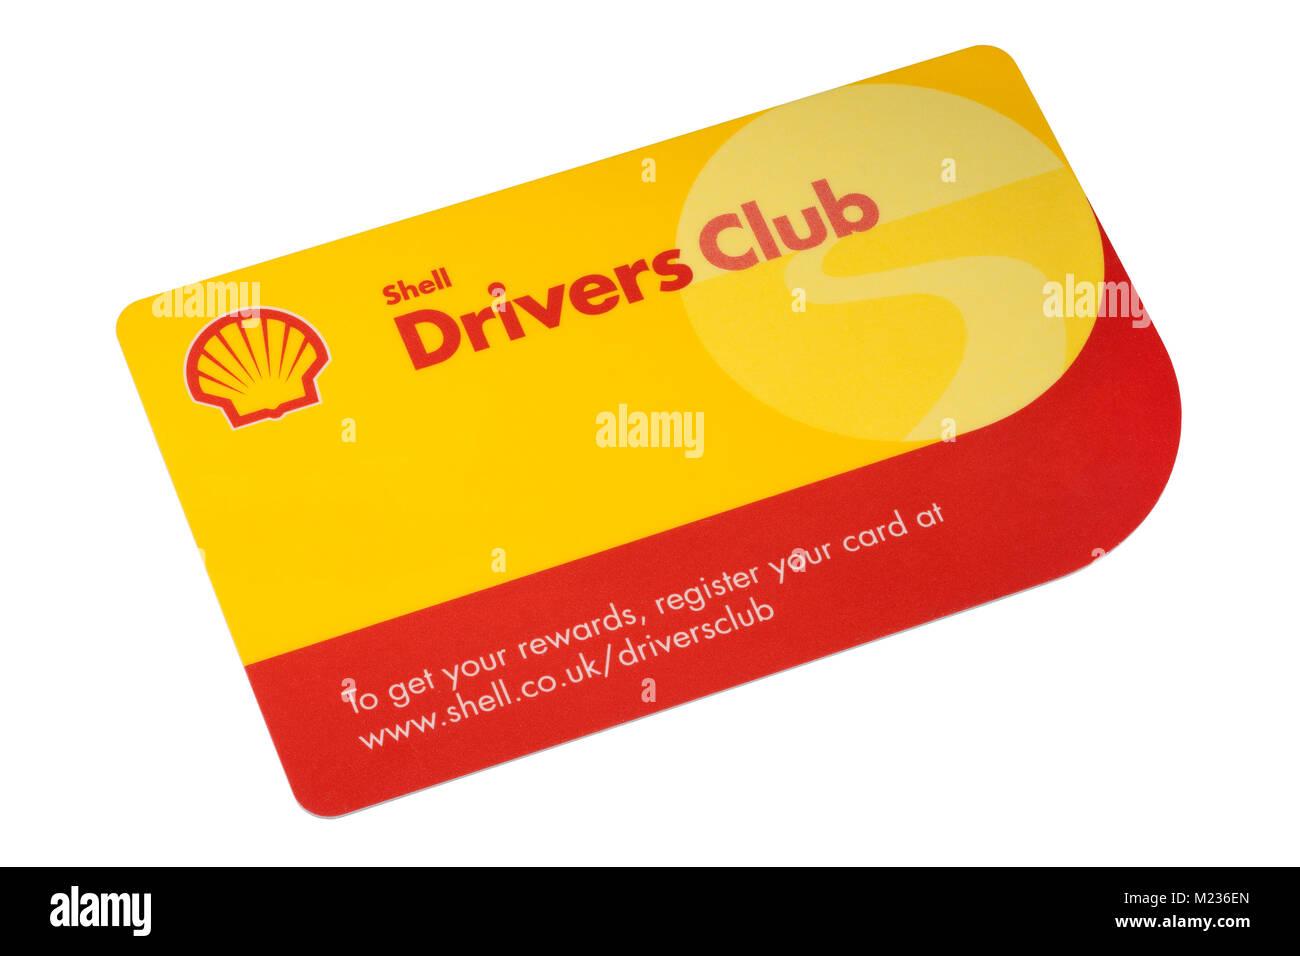 Shell Tankstellen Karte.Shell Drivers Club Loyalty Rewards Karte Auf Einem Weissem